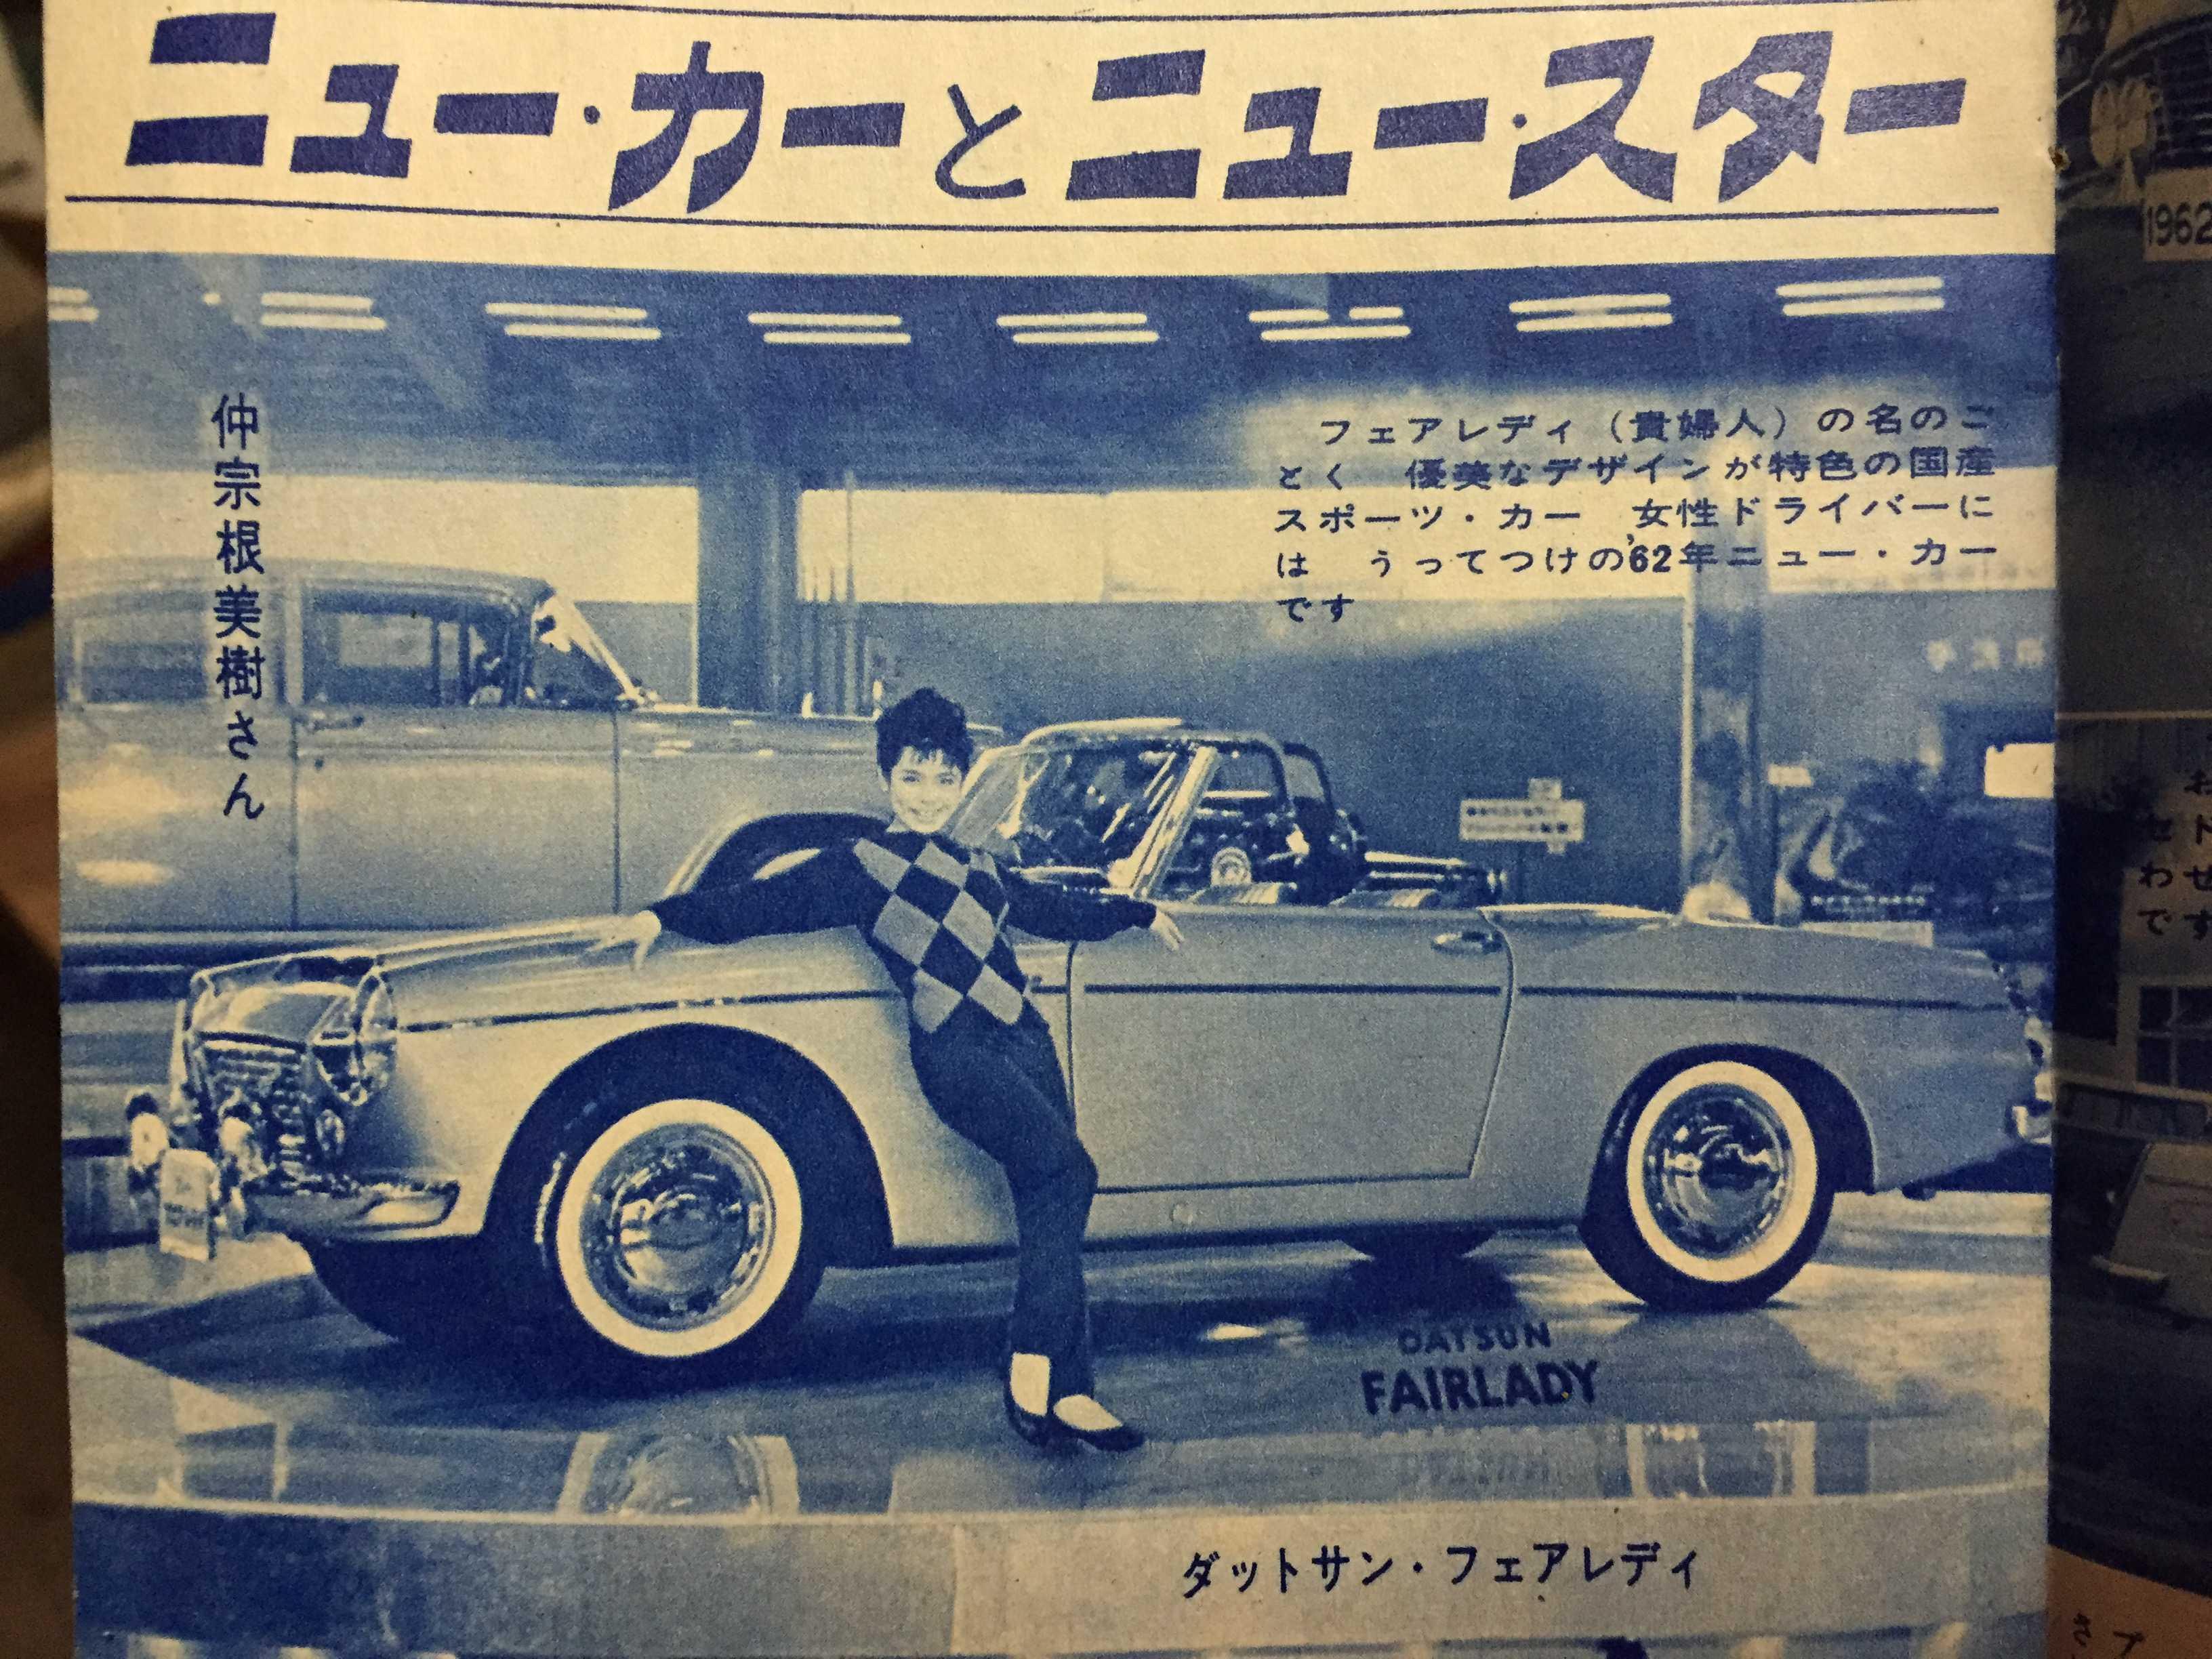 昭和37年 スターの愛車 - 1962年...